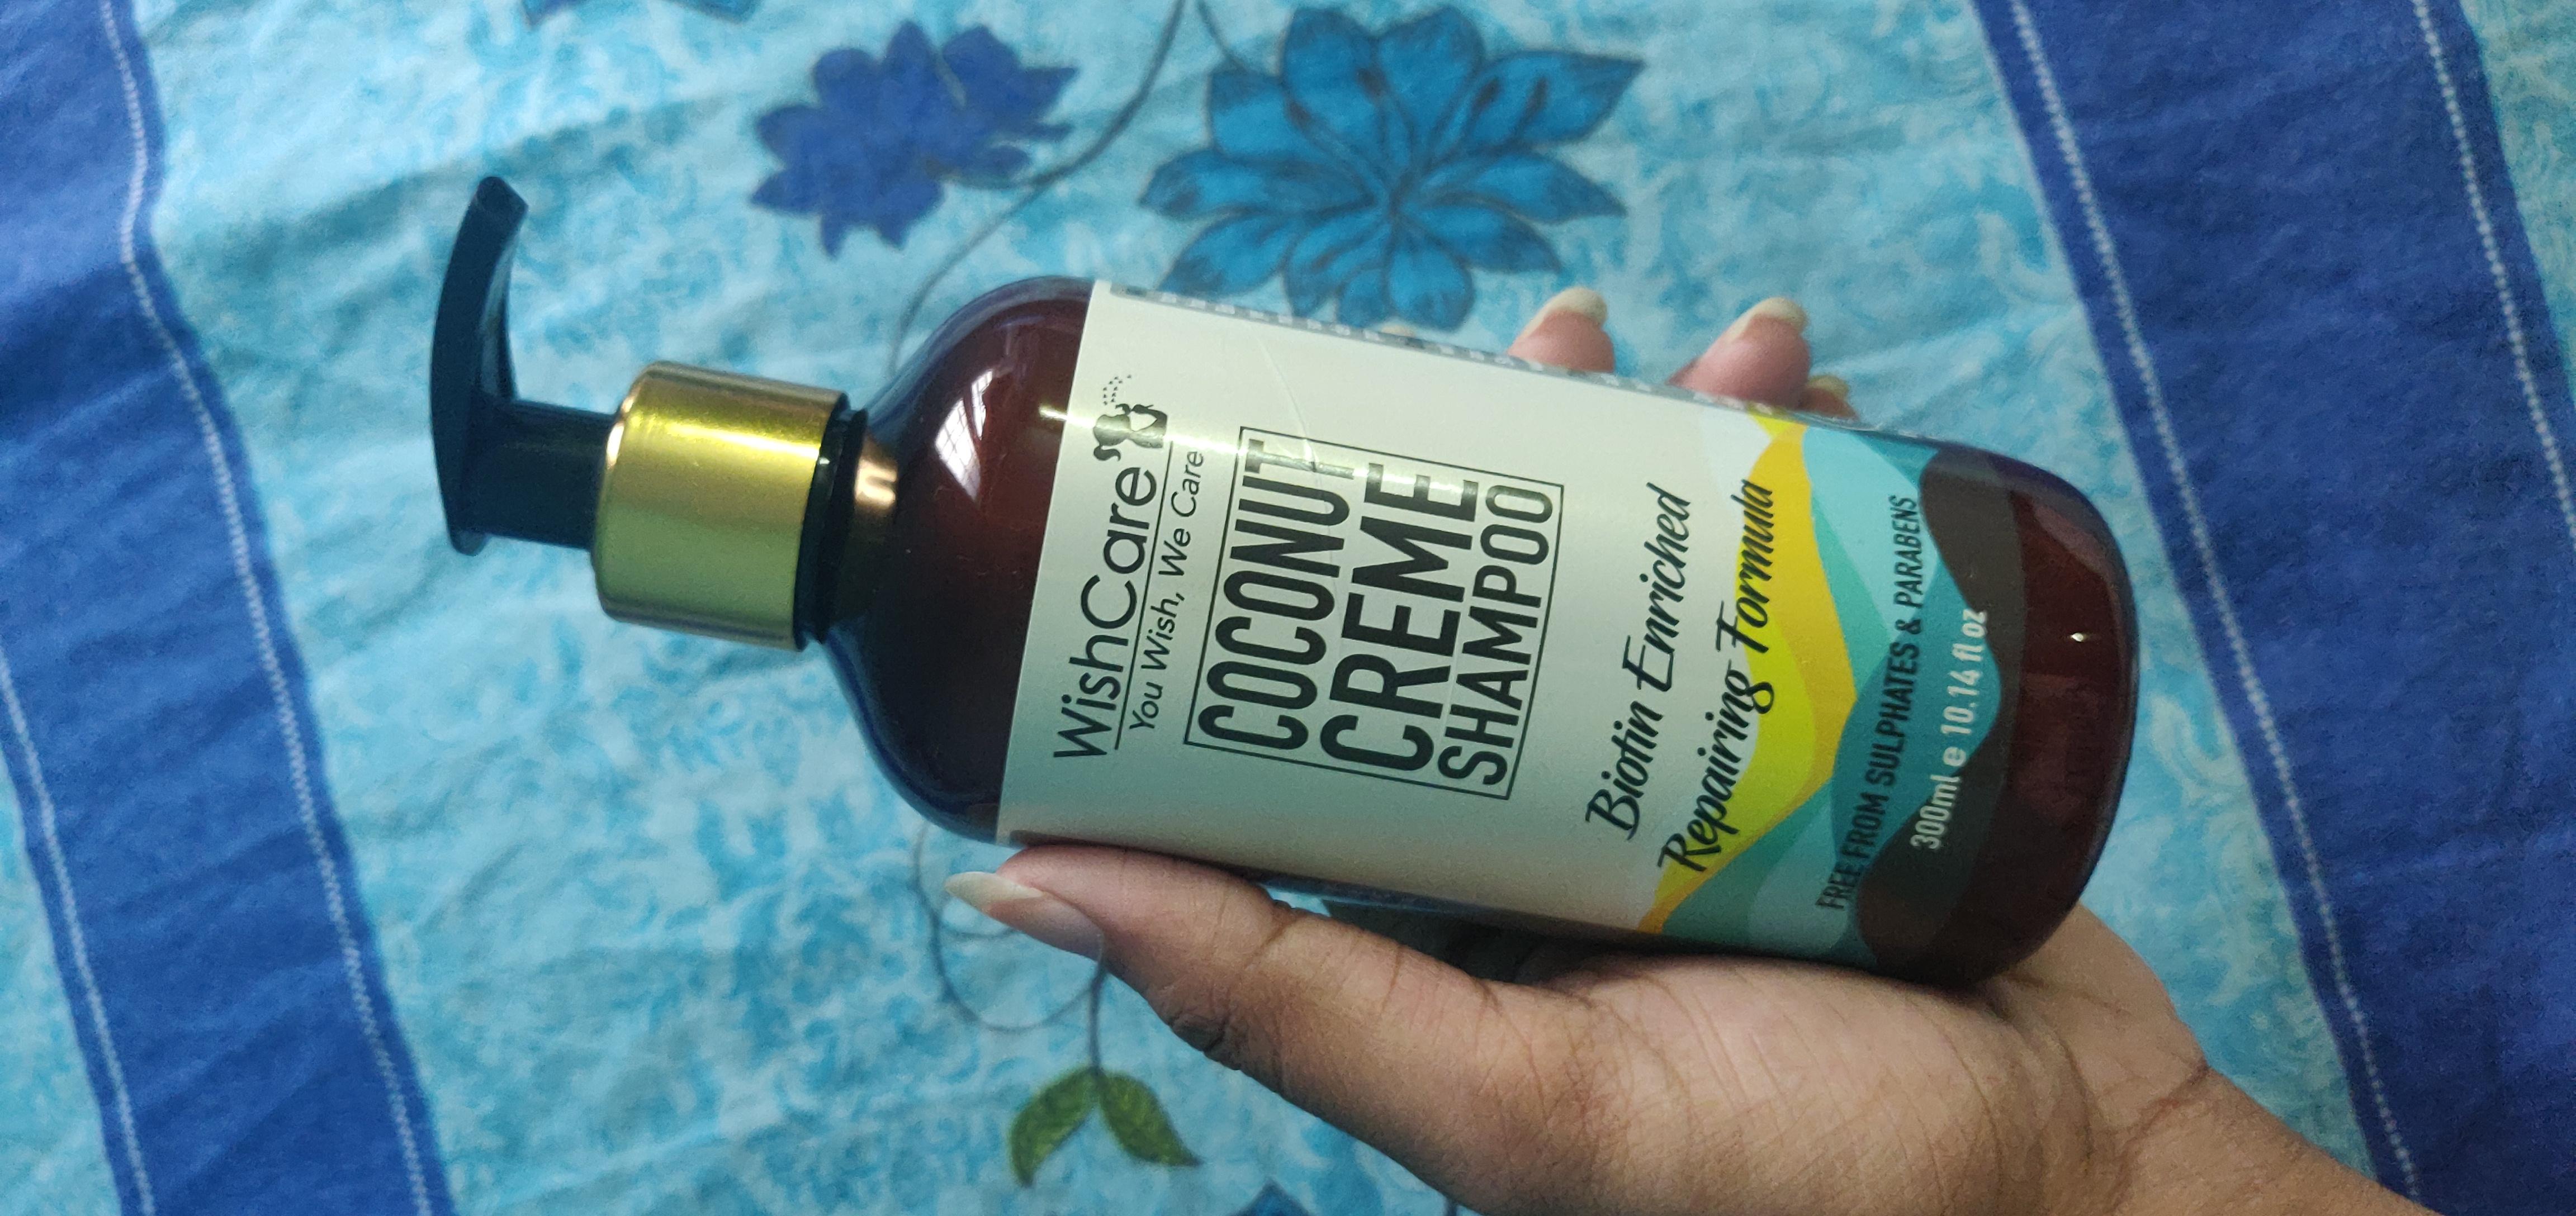 WishCare Coconut Creme Shampoo With Biotin-Mild and chemical free coconut & biotin shampoo-By reeni_padmaja-1